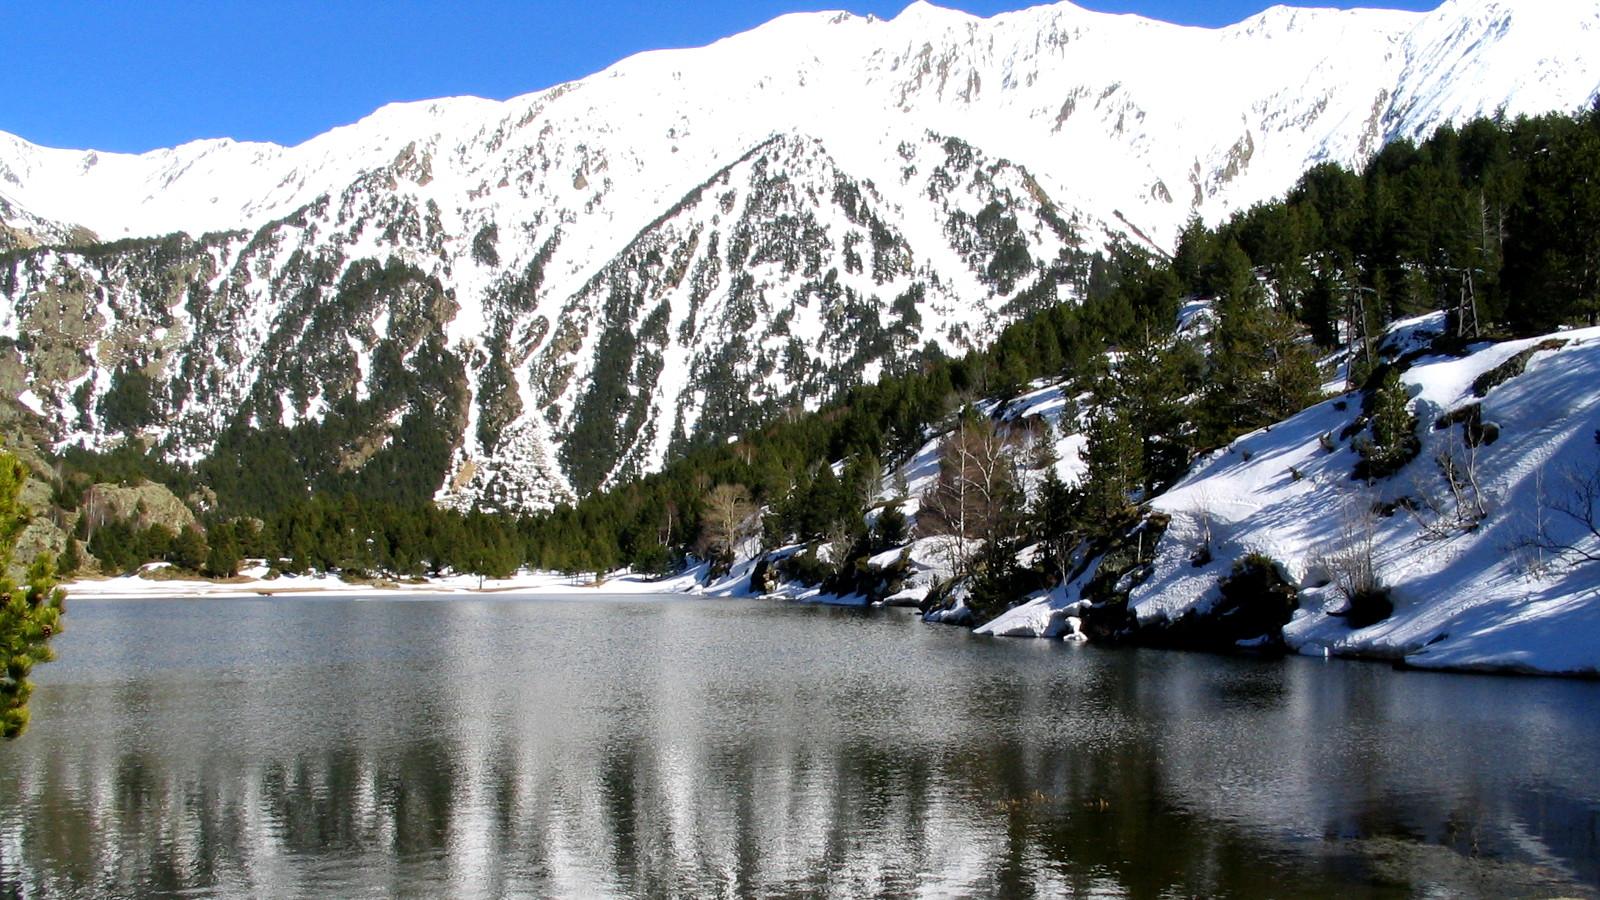 G te navarre dorres vue sur le haut plateau de cerdagne au c ur du parc n - Les pyrenees catalanes ...